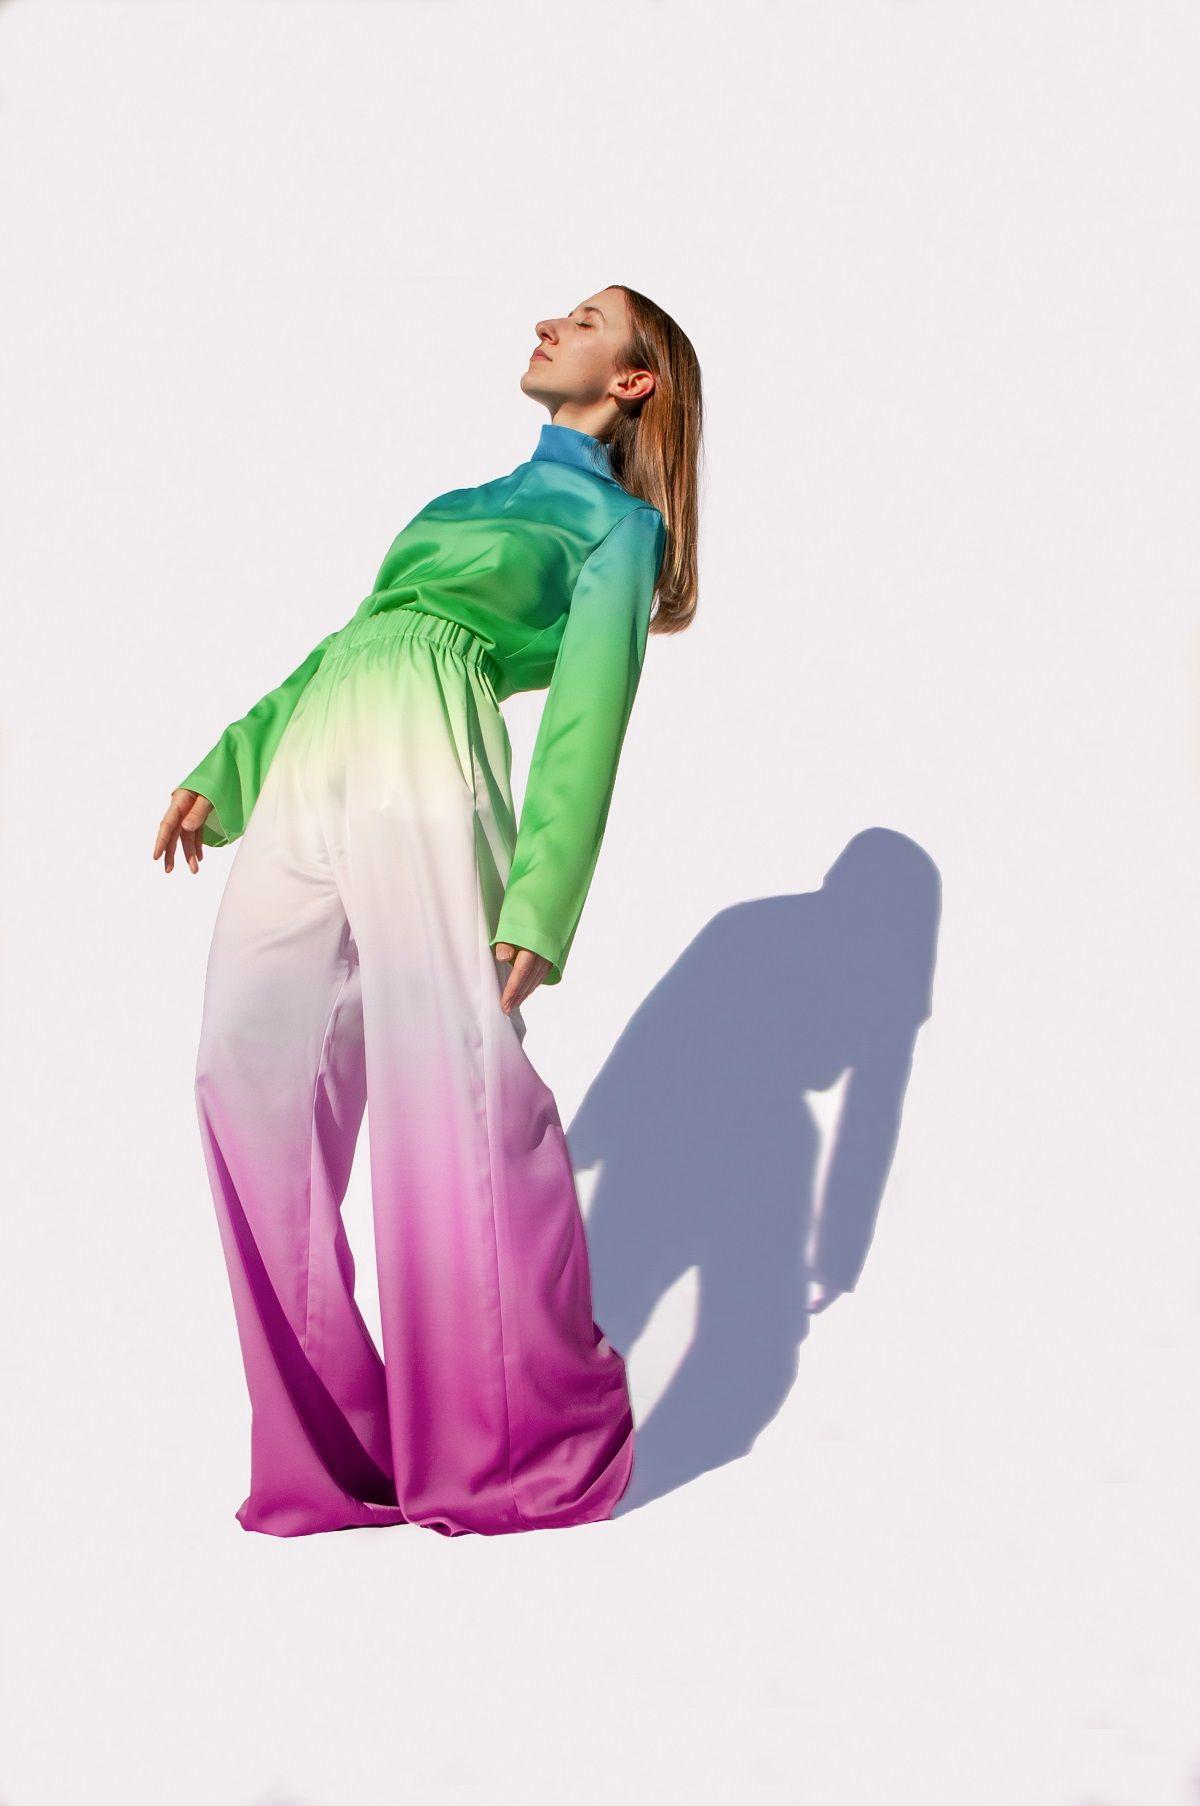 Silhouette che comunicano energia e potenza disegnano così l'abito dell'eroe contemporaneo